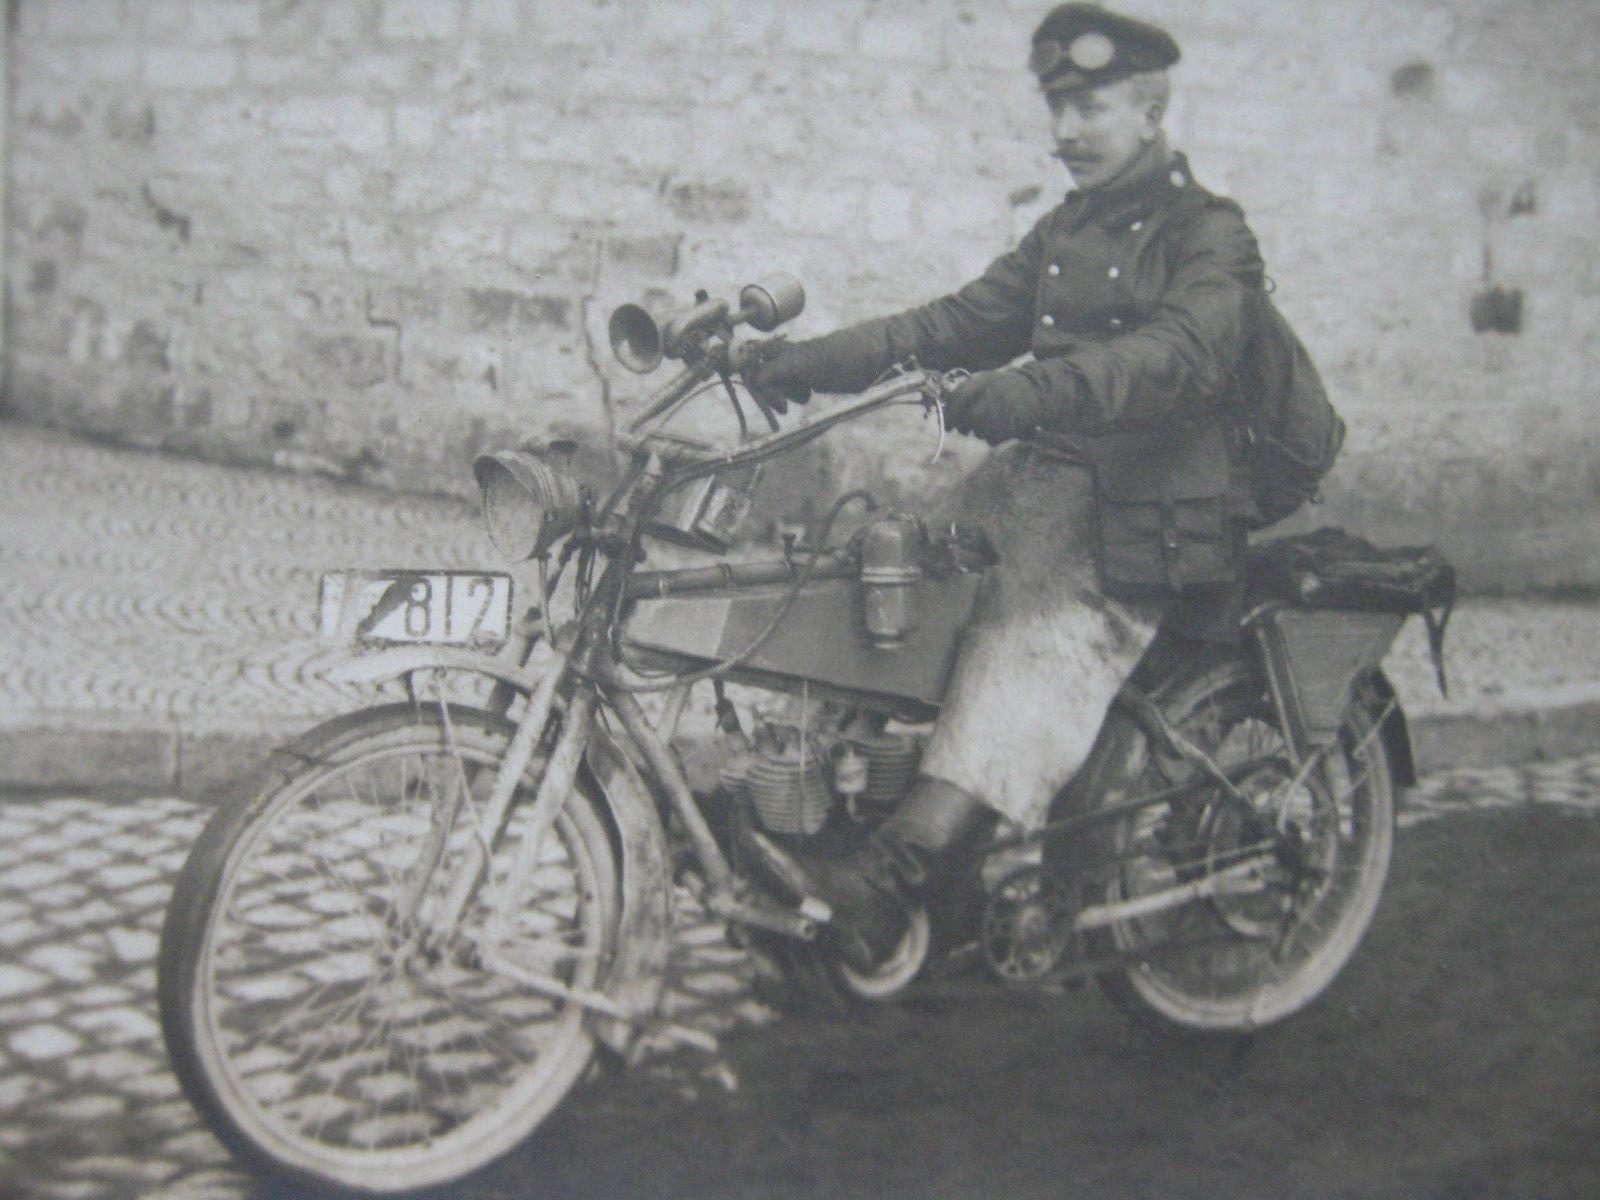 Wk1 Militar Motorradfahrer Motorrad Fahren Motorrad Fahrzeuge